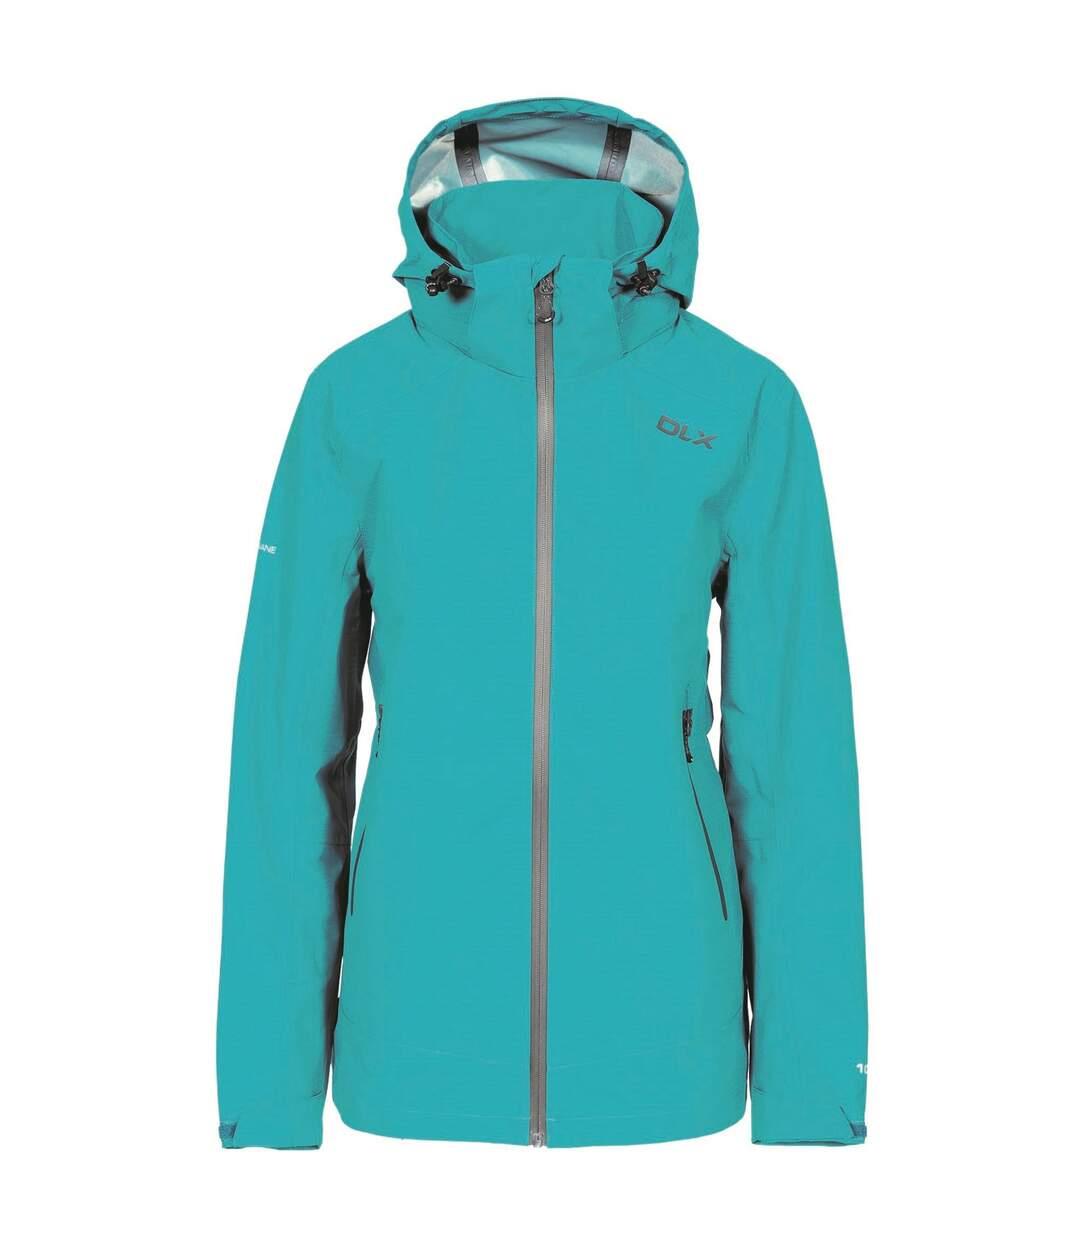 Trespass Womens/Ladies Gayle Waterproof Jacket (Ocean Green) - UTTP4653